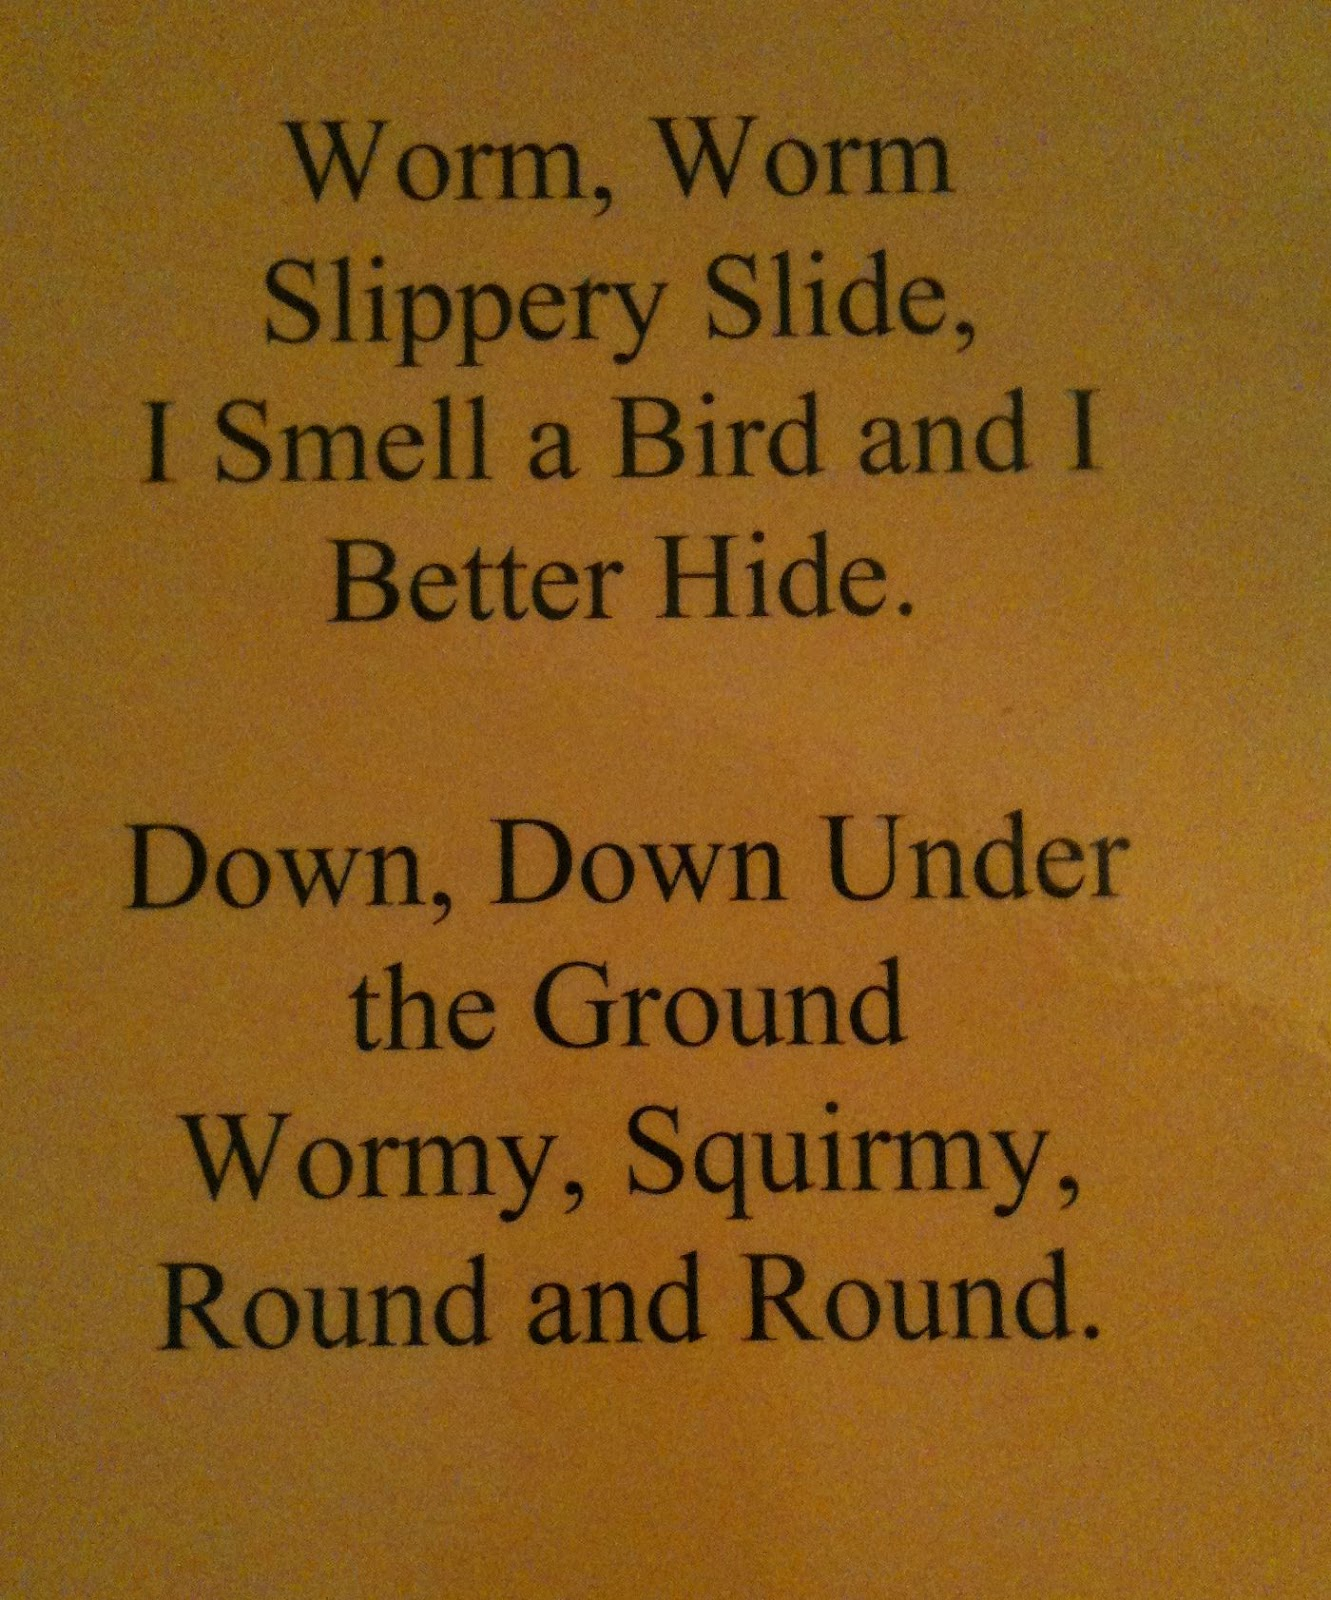 Worm Worksheets For Preschoolers